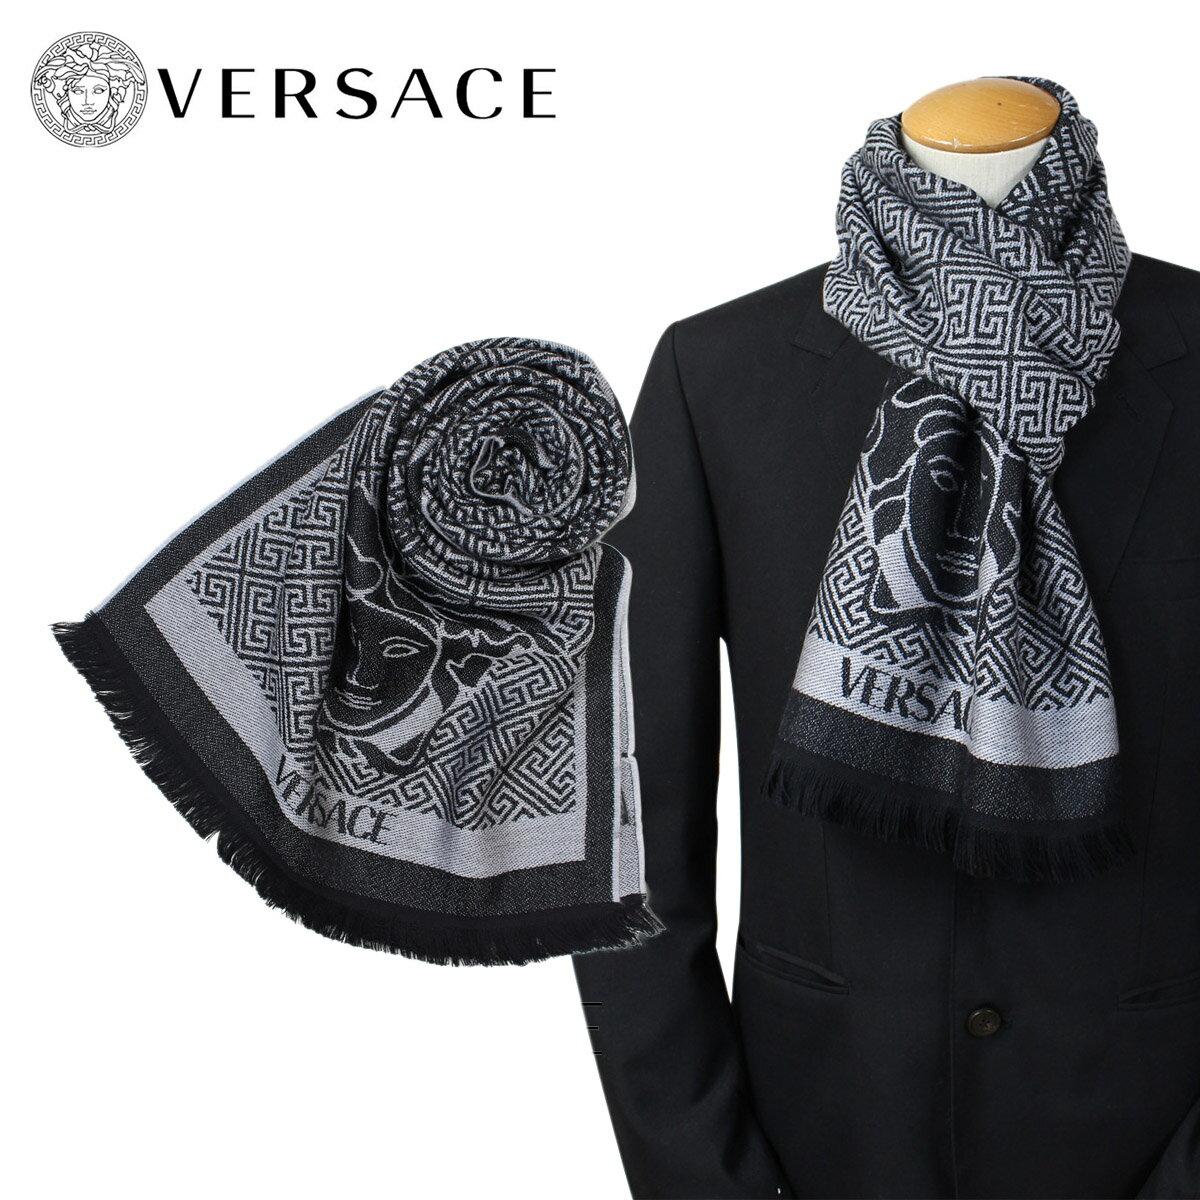 ベルサーチ マフラー ヴェルサーチ VERSACE メンズ ウール イタリア製 カジュアル ビジネス 0627 [1/15 追加入荷]